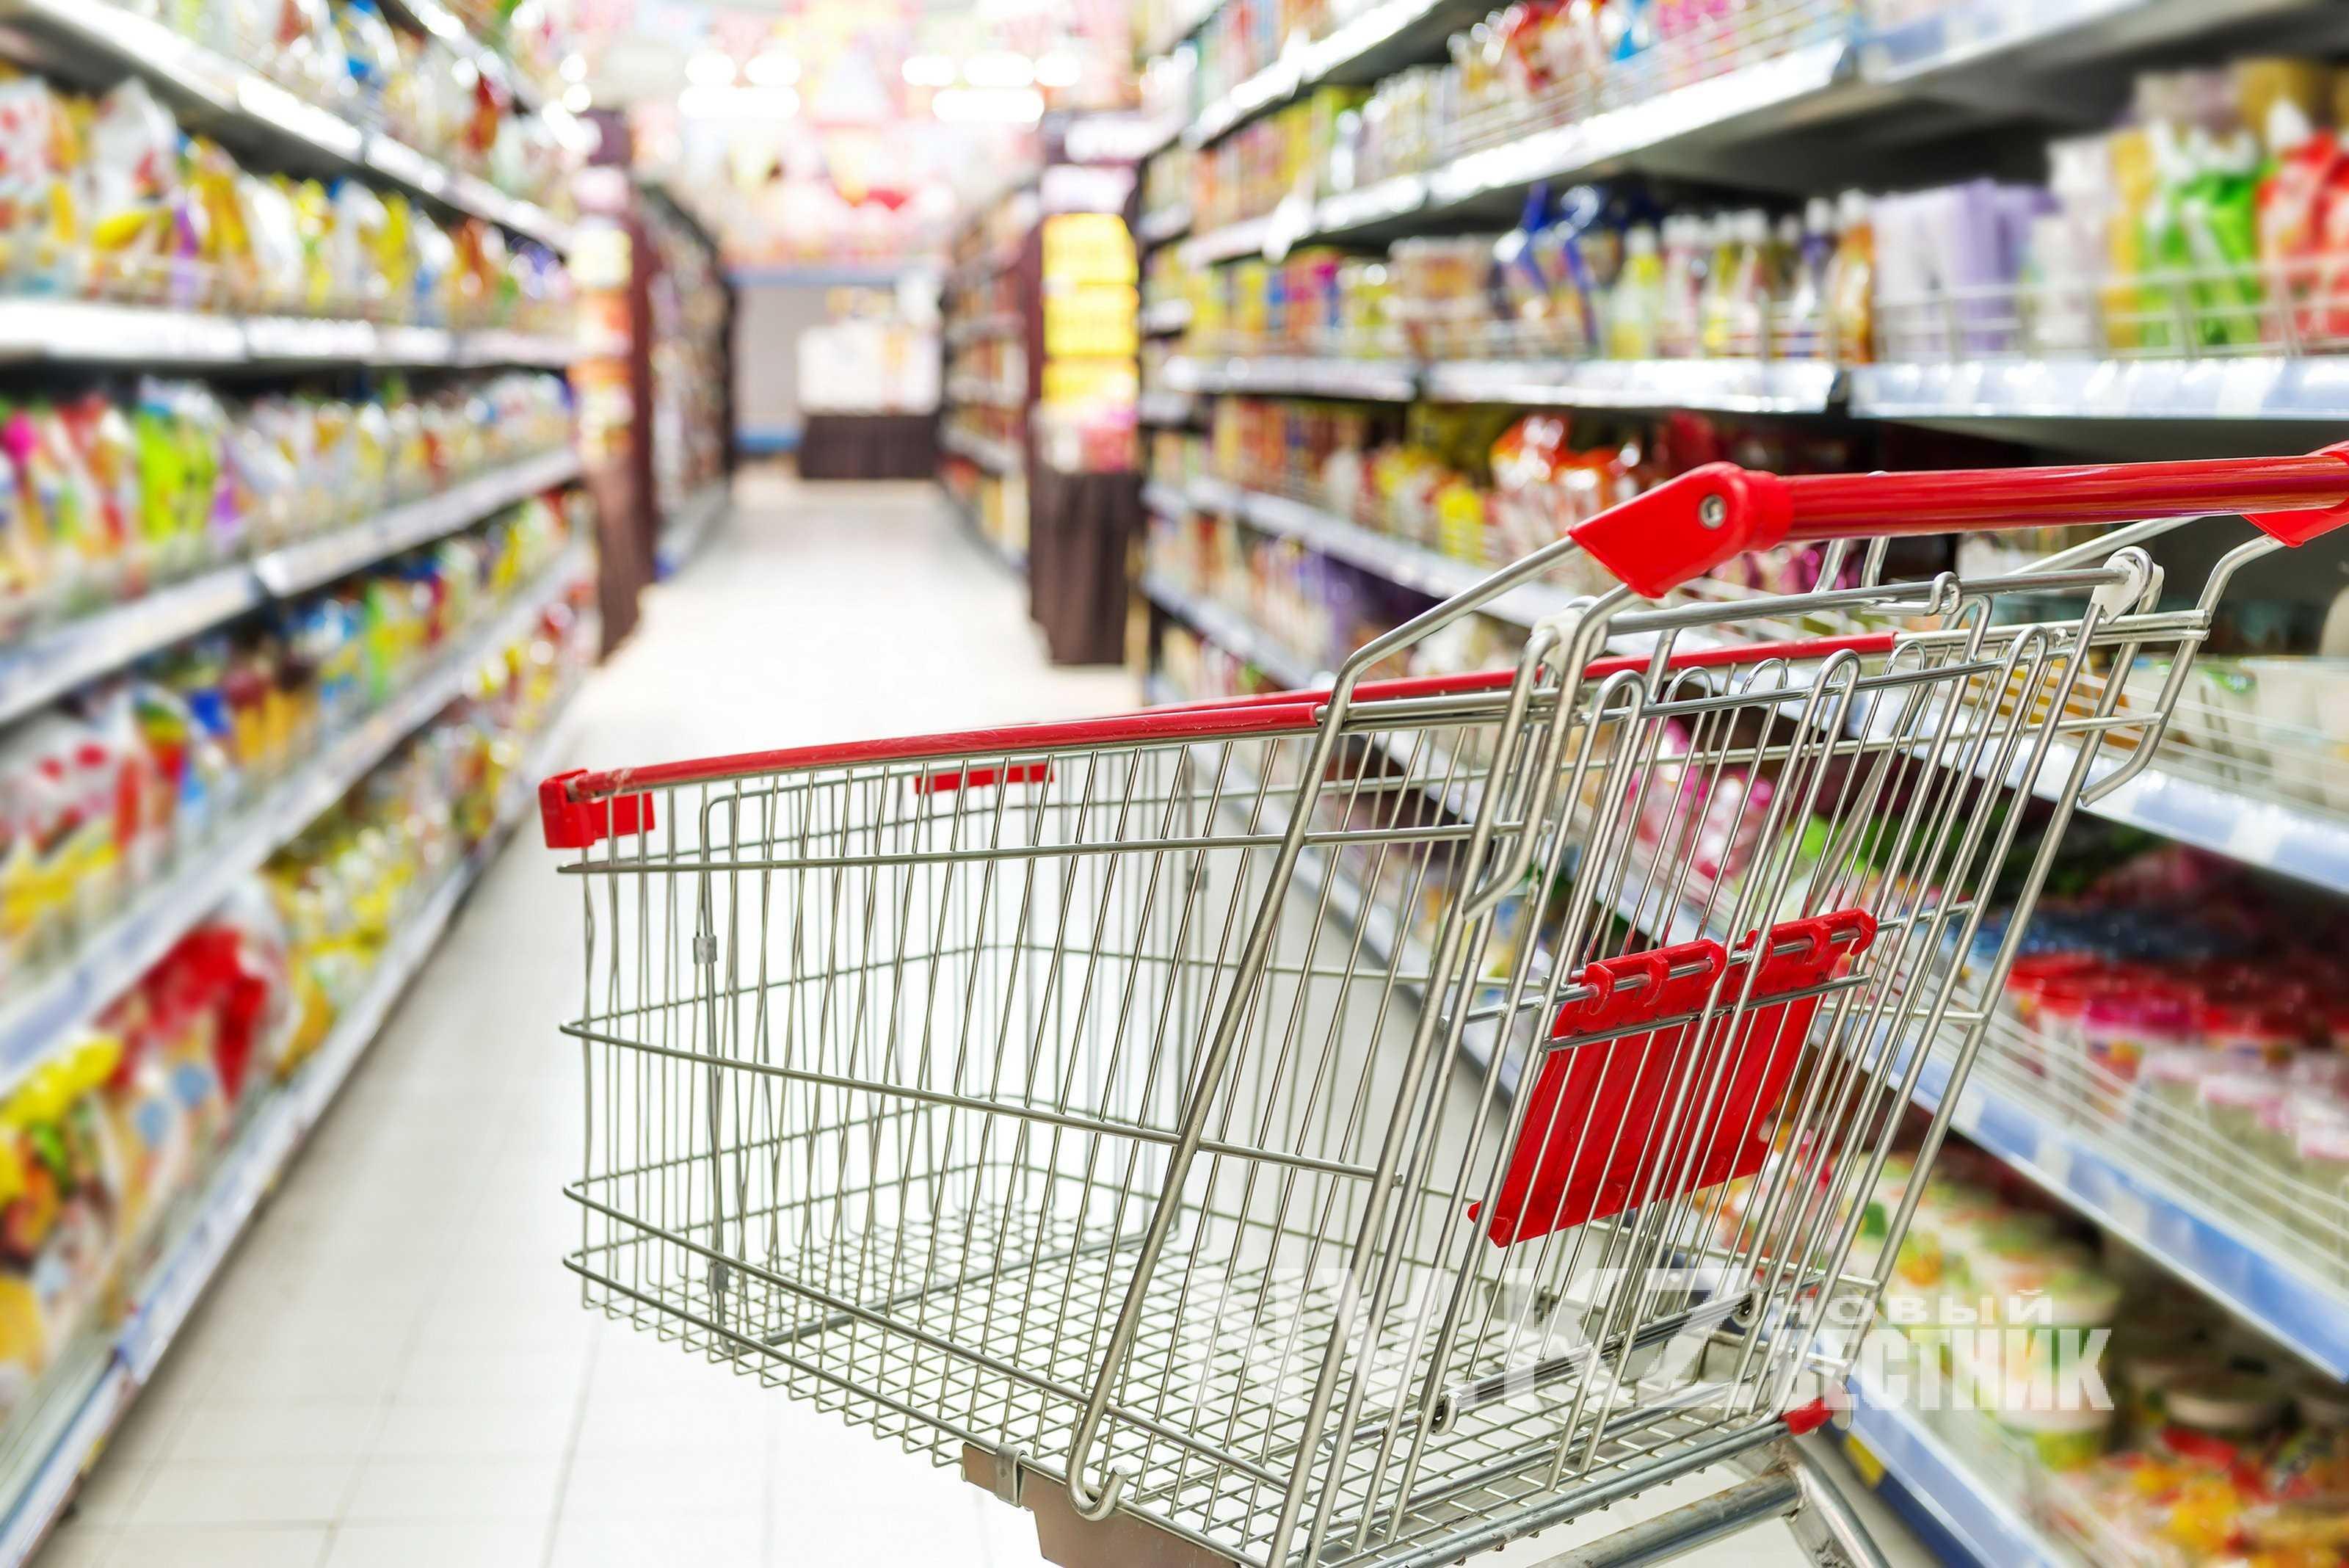 Чрезвычайно опасно: выяснилось, от чего нужно убегать в супермаркете